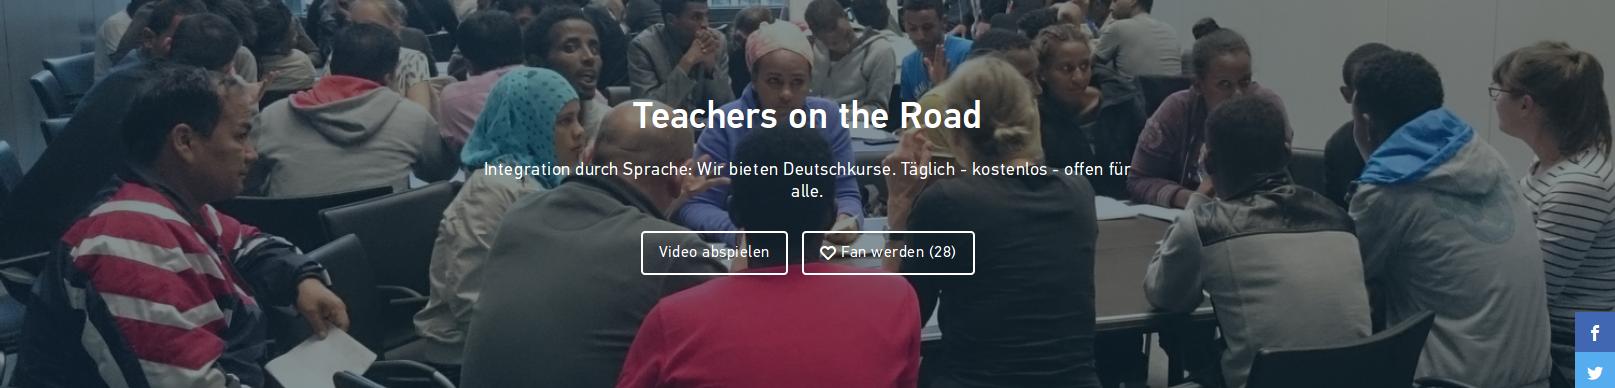 Unterstützt Teachers on the Road für den Deutschen Integrationspreis 2018